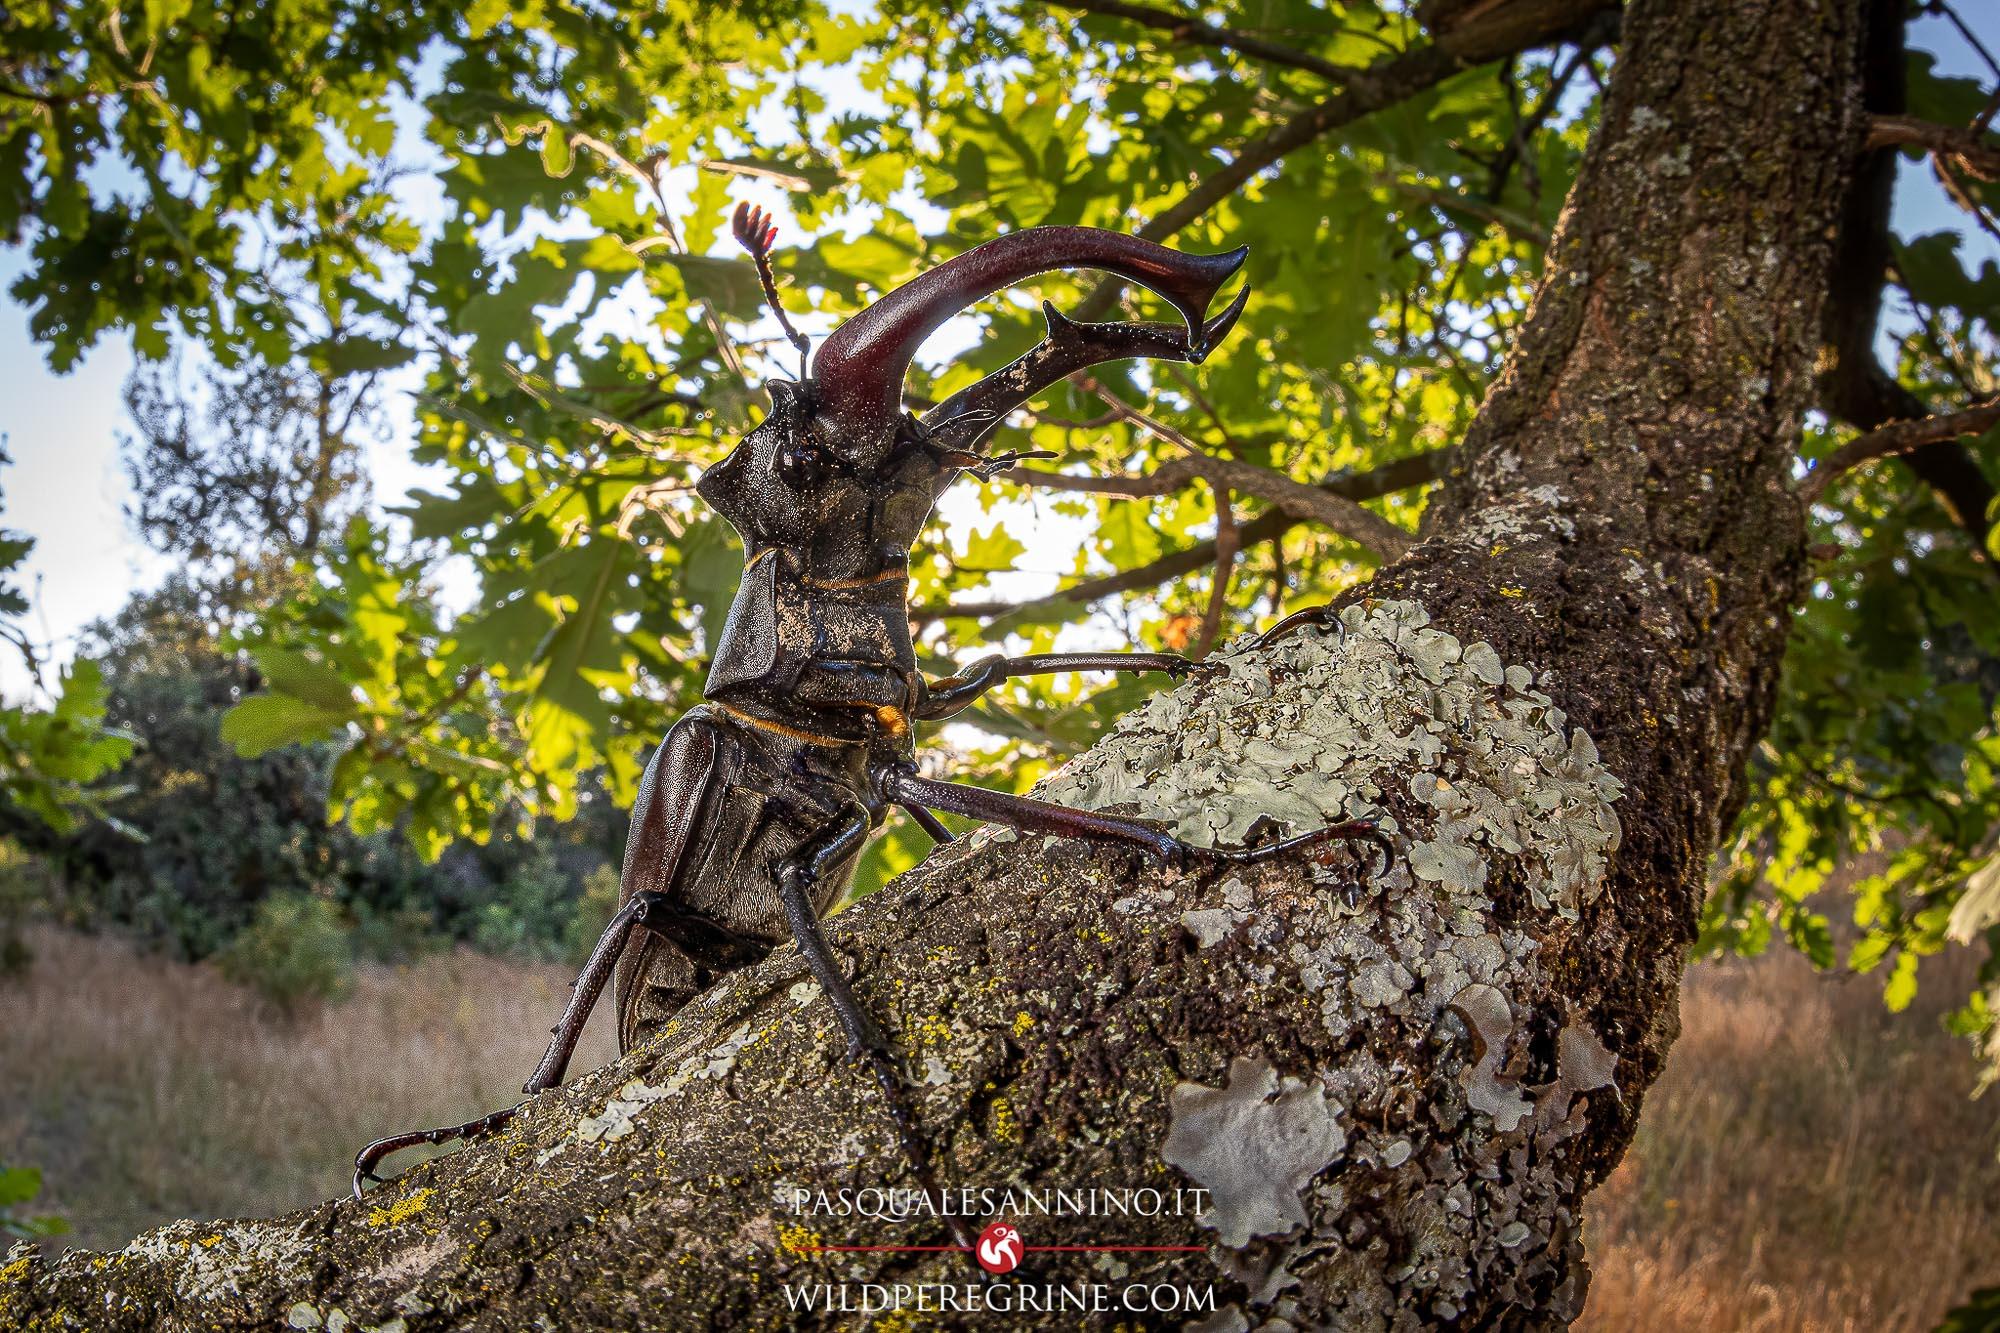 European stag beetle – Lucanus cervus